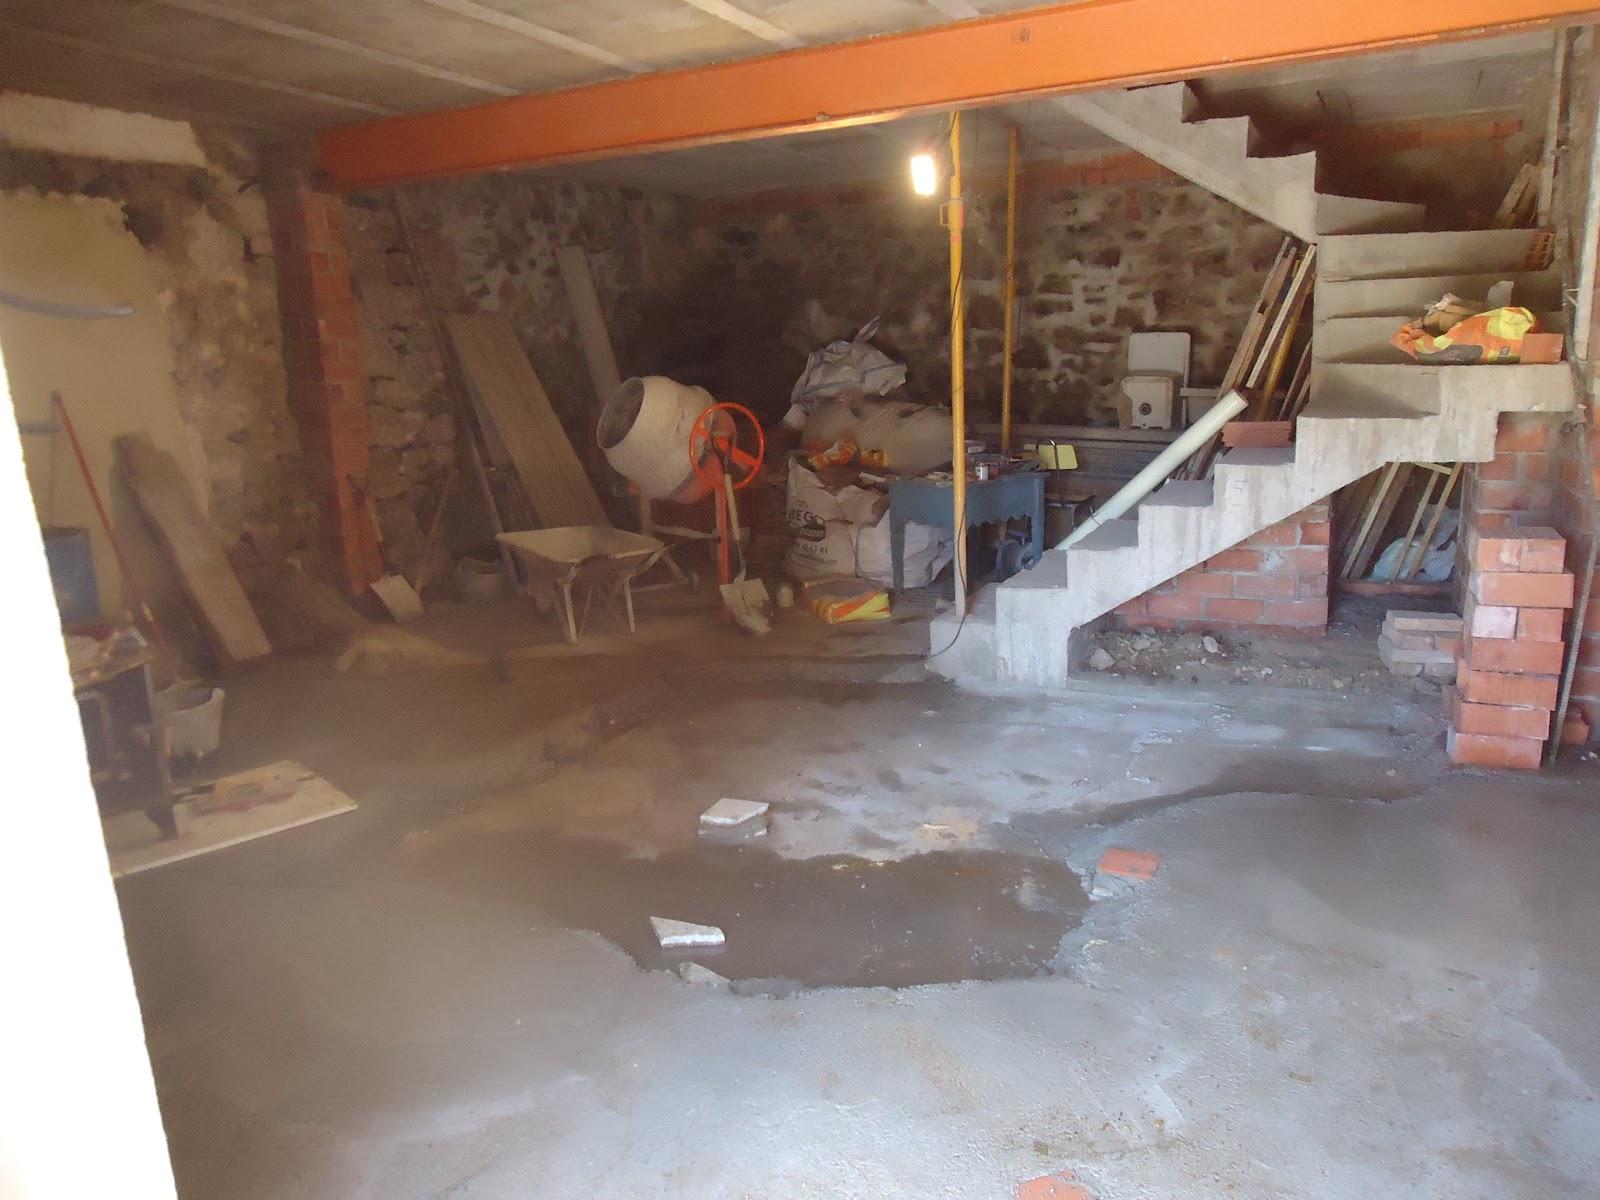 Soleras de hormig n quiero reformar mi casa - Quiero reformar mi casa ...